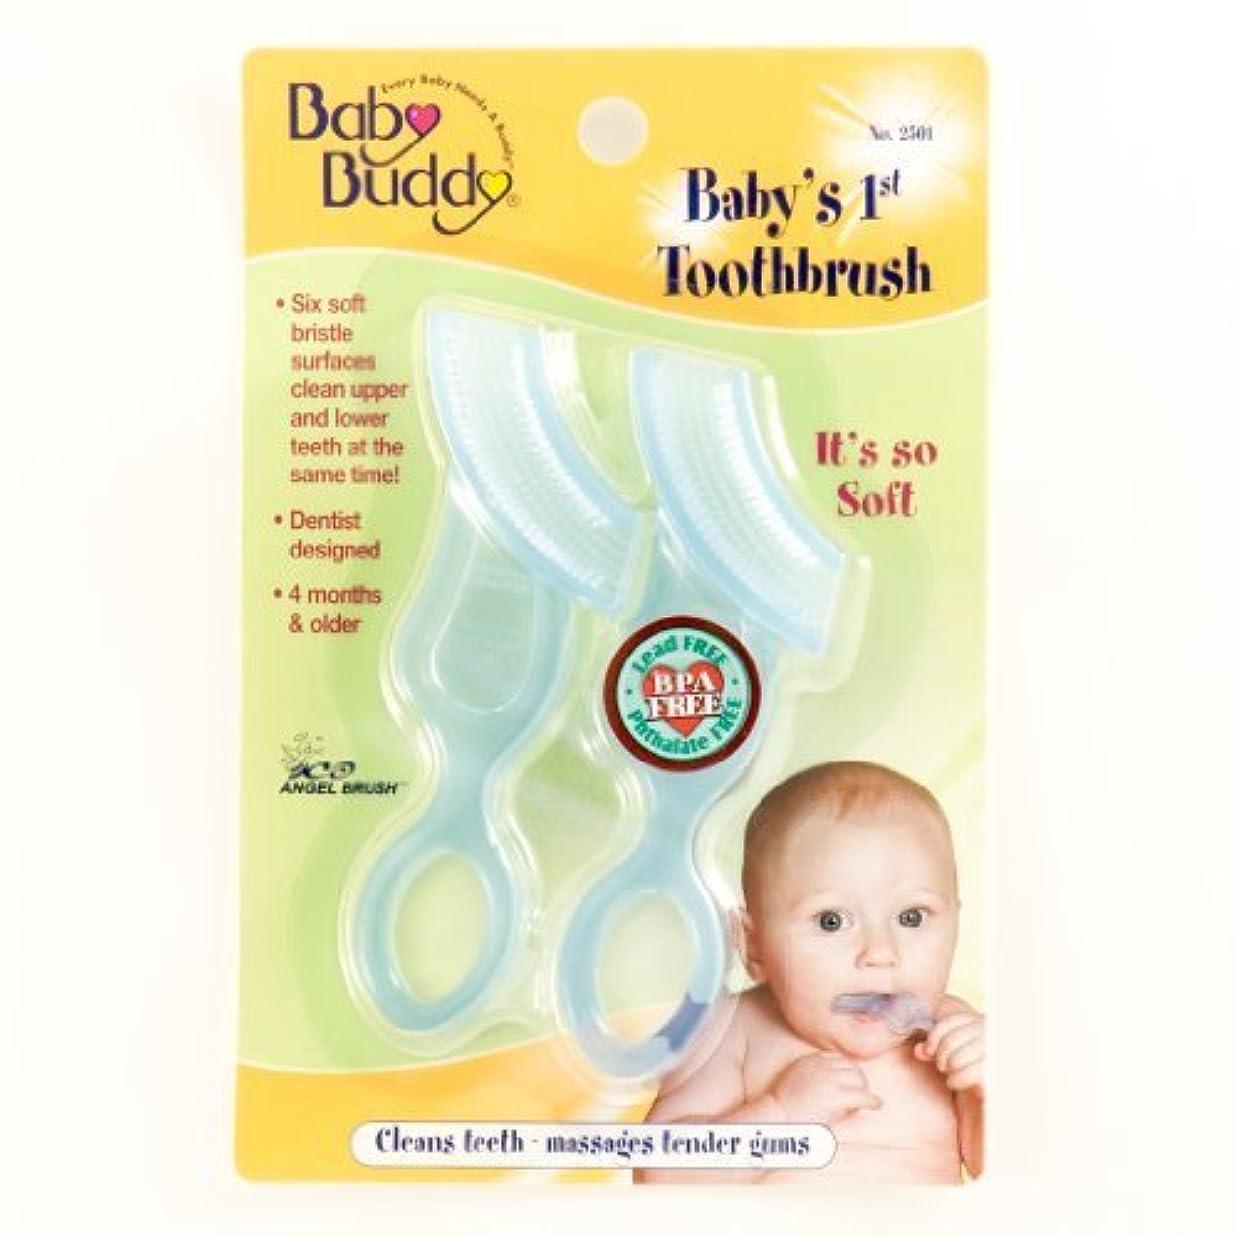 レンチ思い出させる示すBaby Buddy Baby's 1st Toothbrush, Blue, 2-Count by Baby Buddy [並行輸入品]